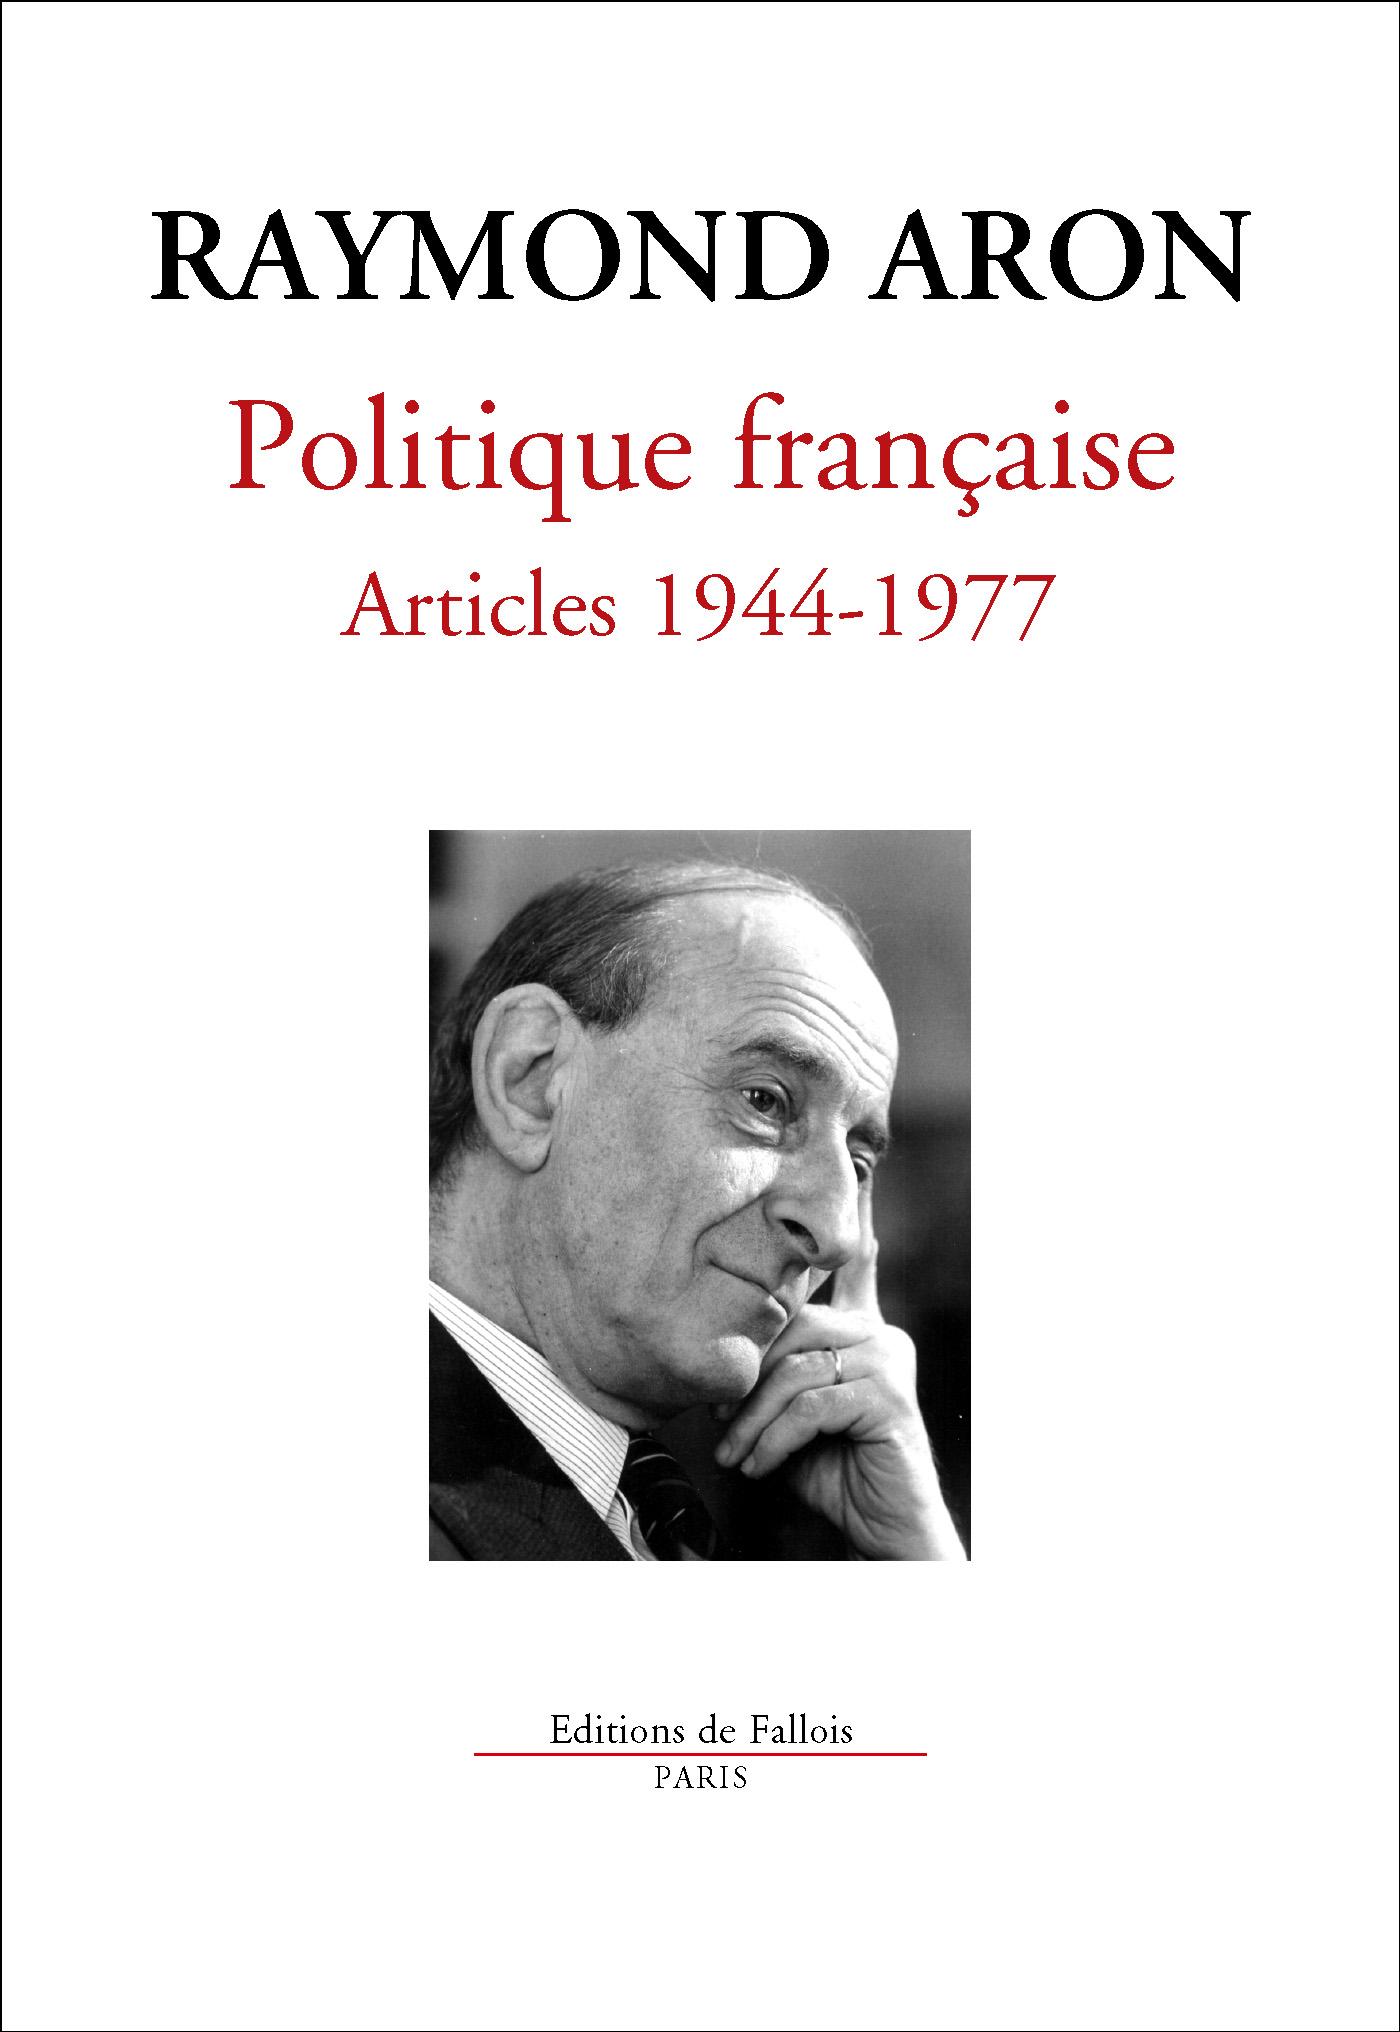 Politique française Articles 1944-1977  Sortir de la crise en Grèce, en France et en Europe